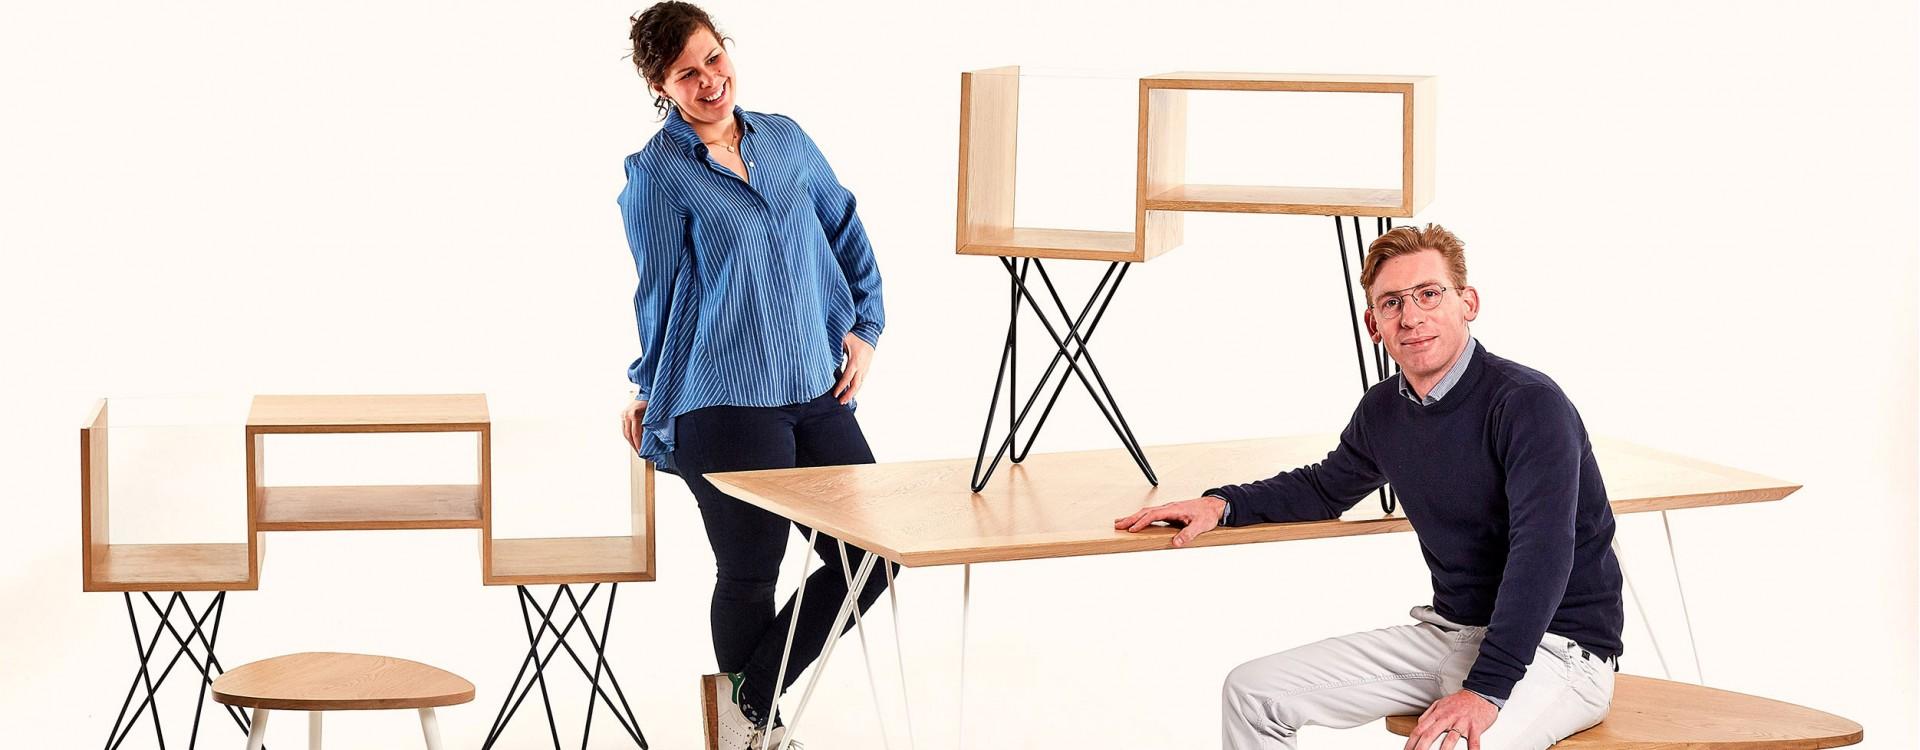 KOPO Création : créateur de meuble made in France